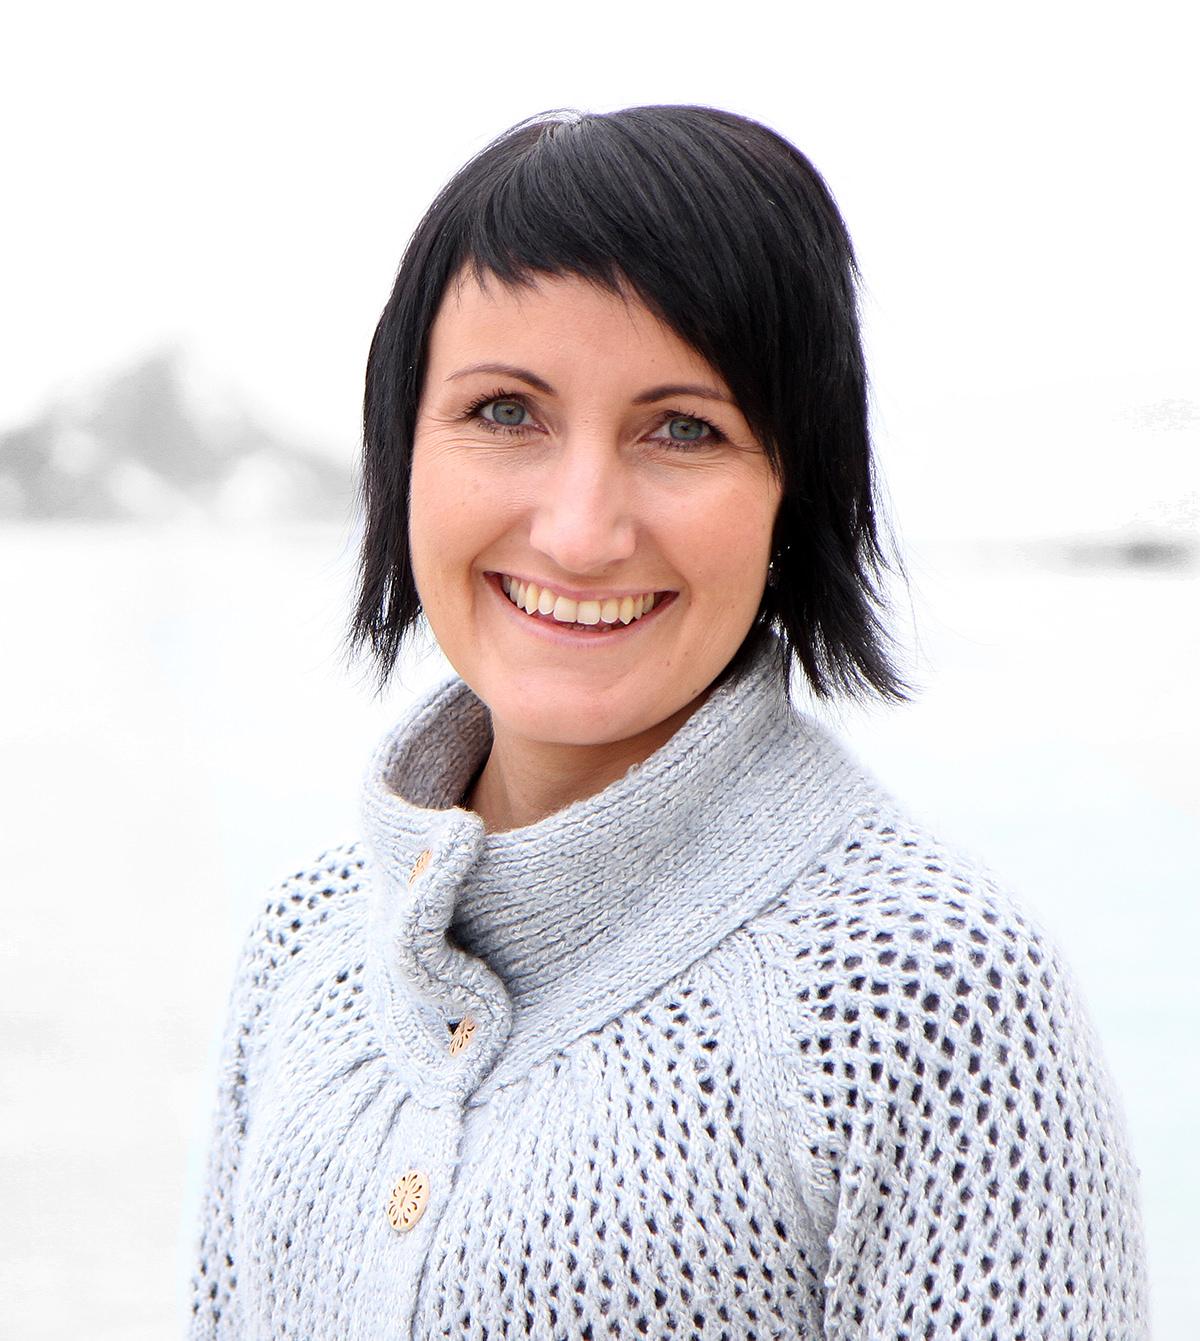 Pastoren vår heter Ingrid Lindberg og har vært hos oss siden 2009.